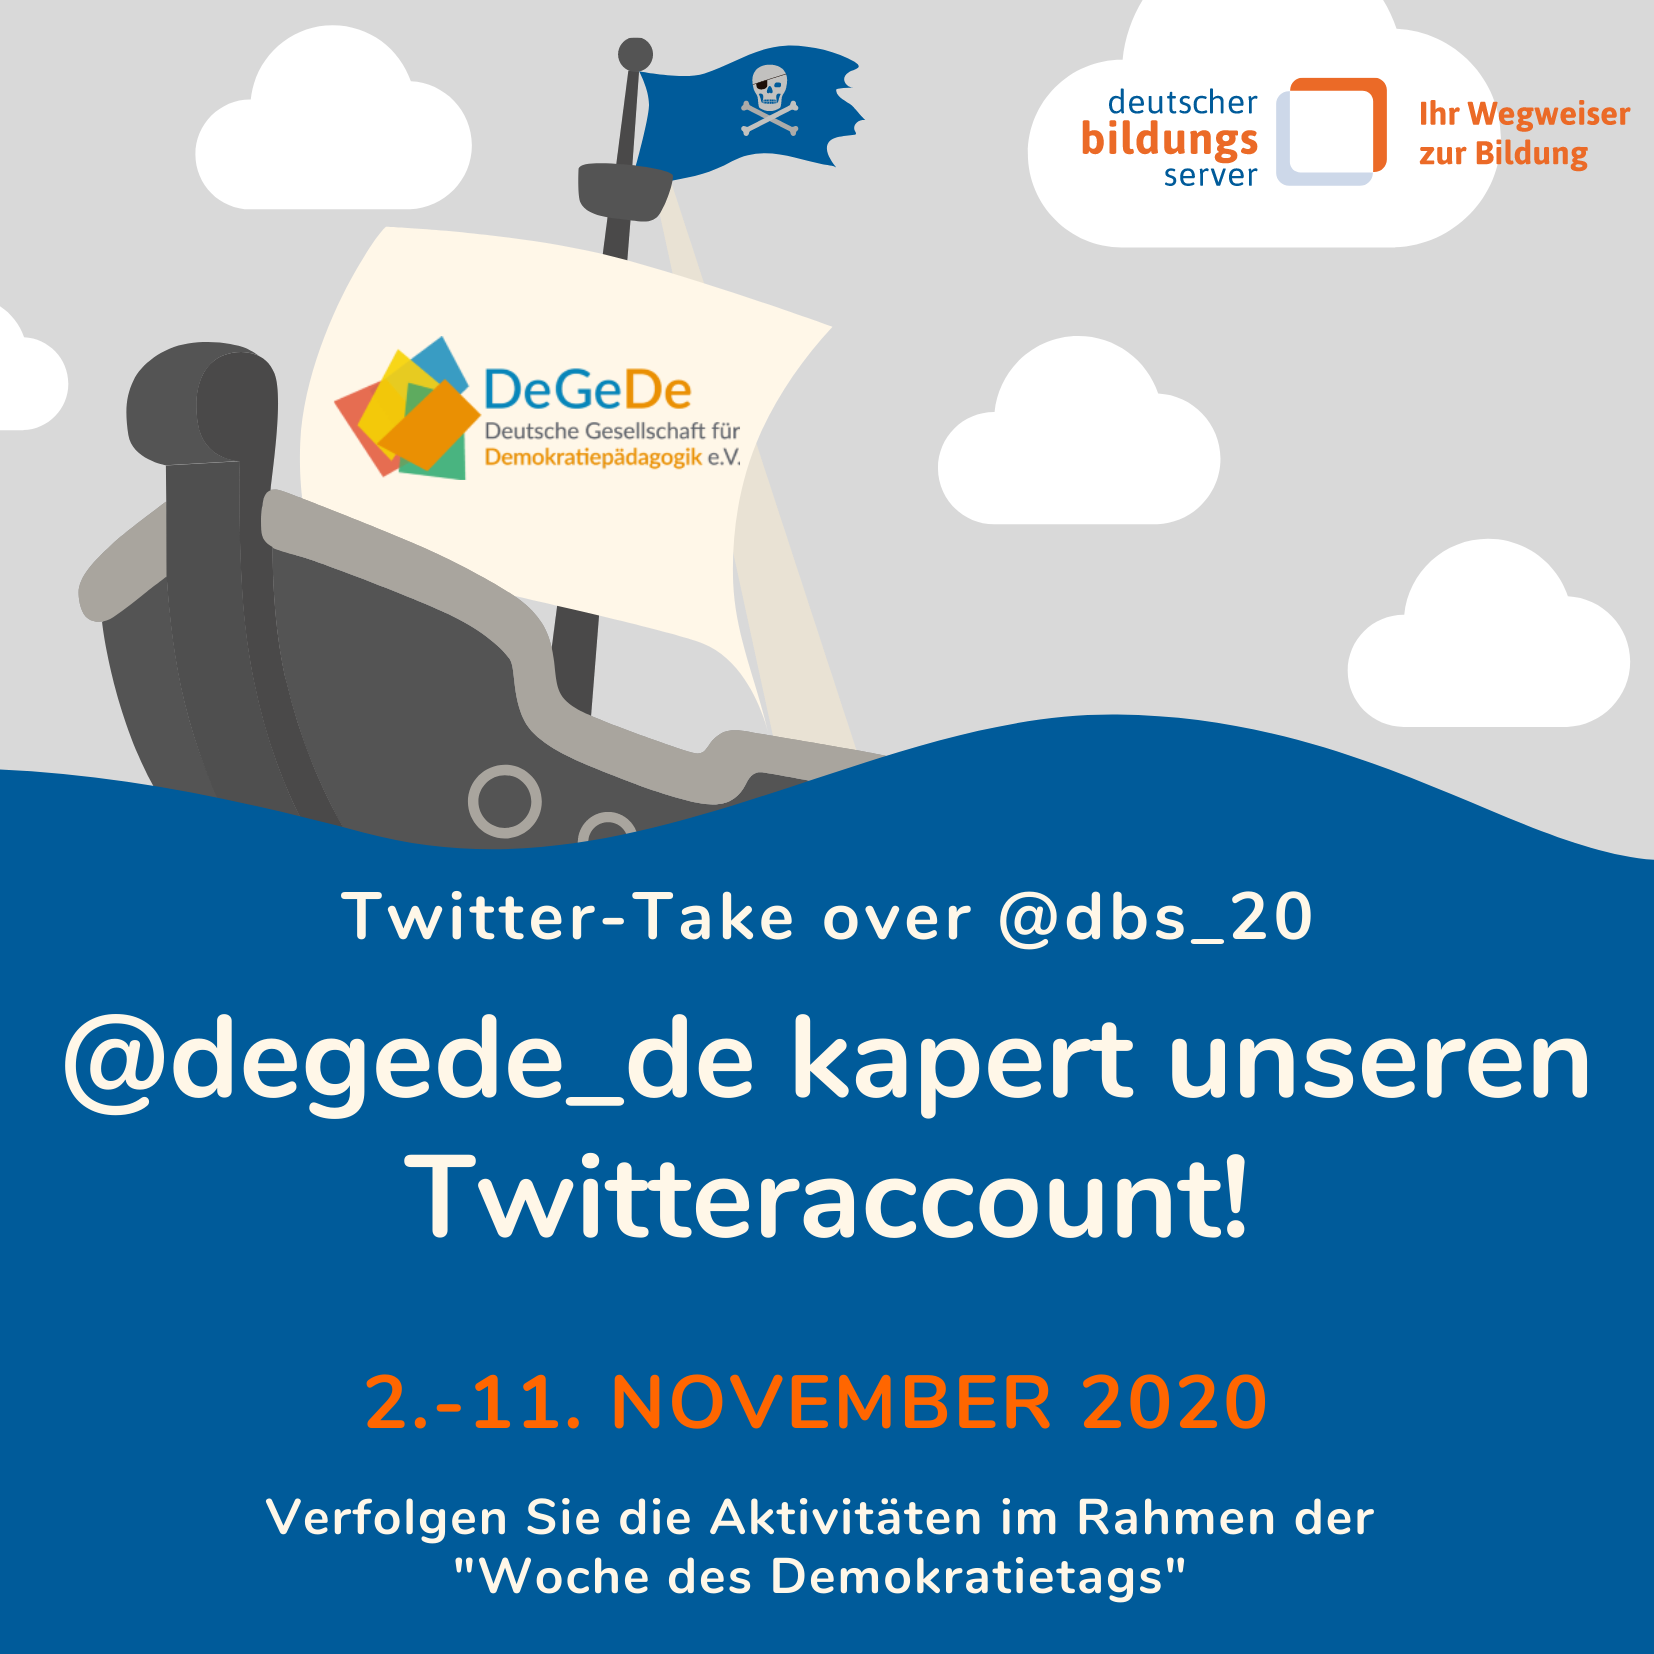 Sharepic mit Piratenschiff und Hinweis auf Twitter take over des Twitterkanals des deutschen Bildungsservers vom 2.-11. November 2020